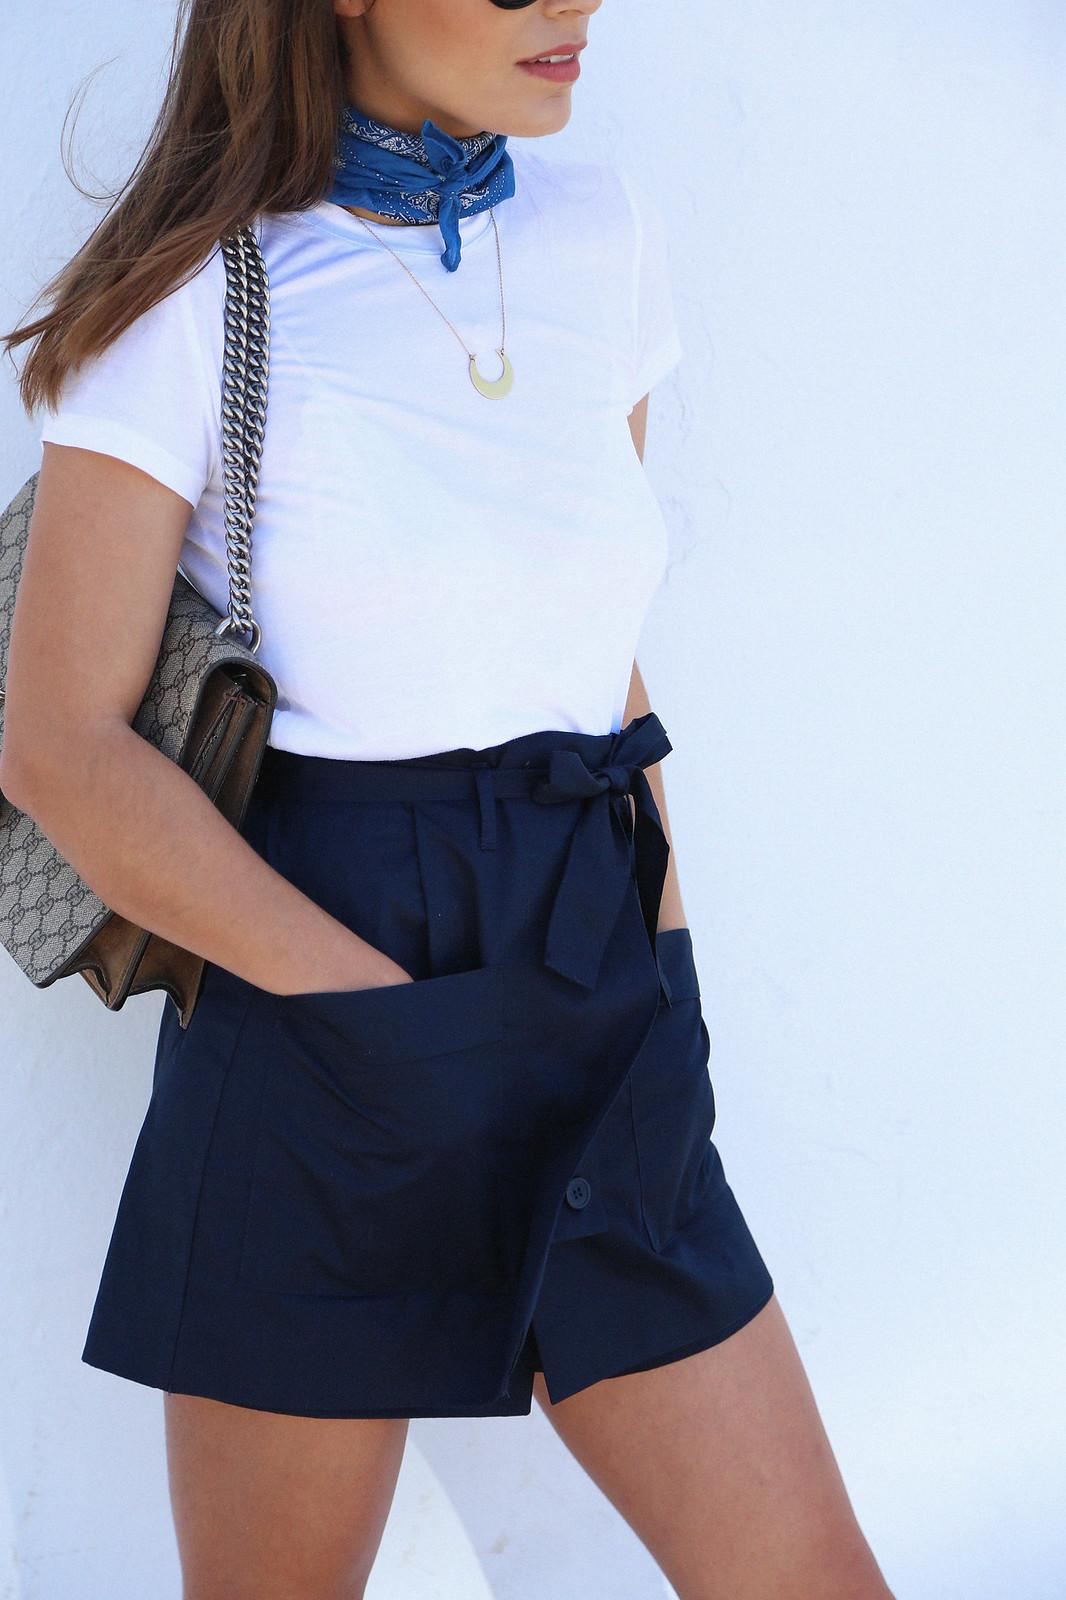 jessie chanes seams for a desire blue skort white tshirt wooden wedges sandals-11